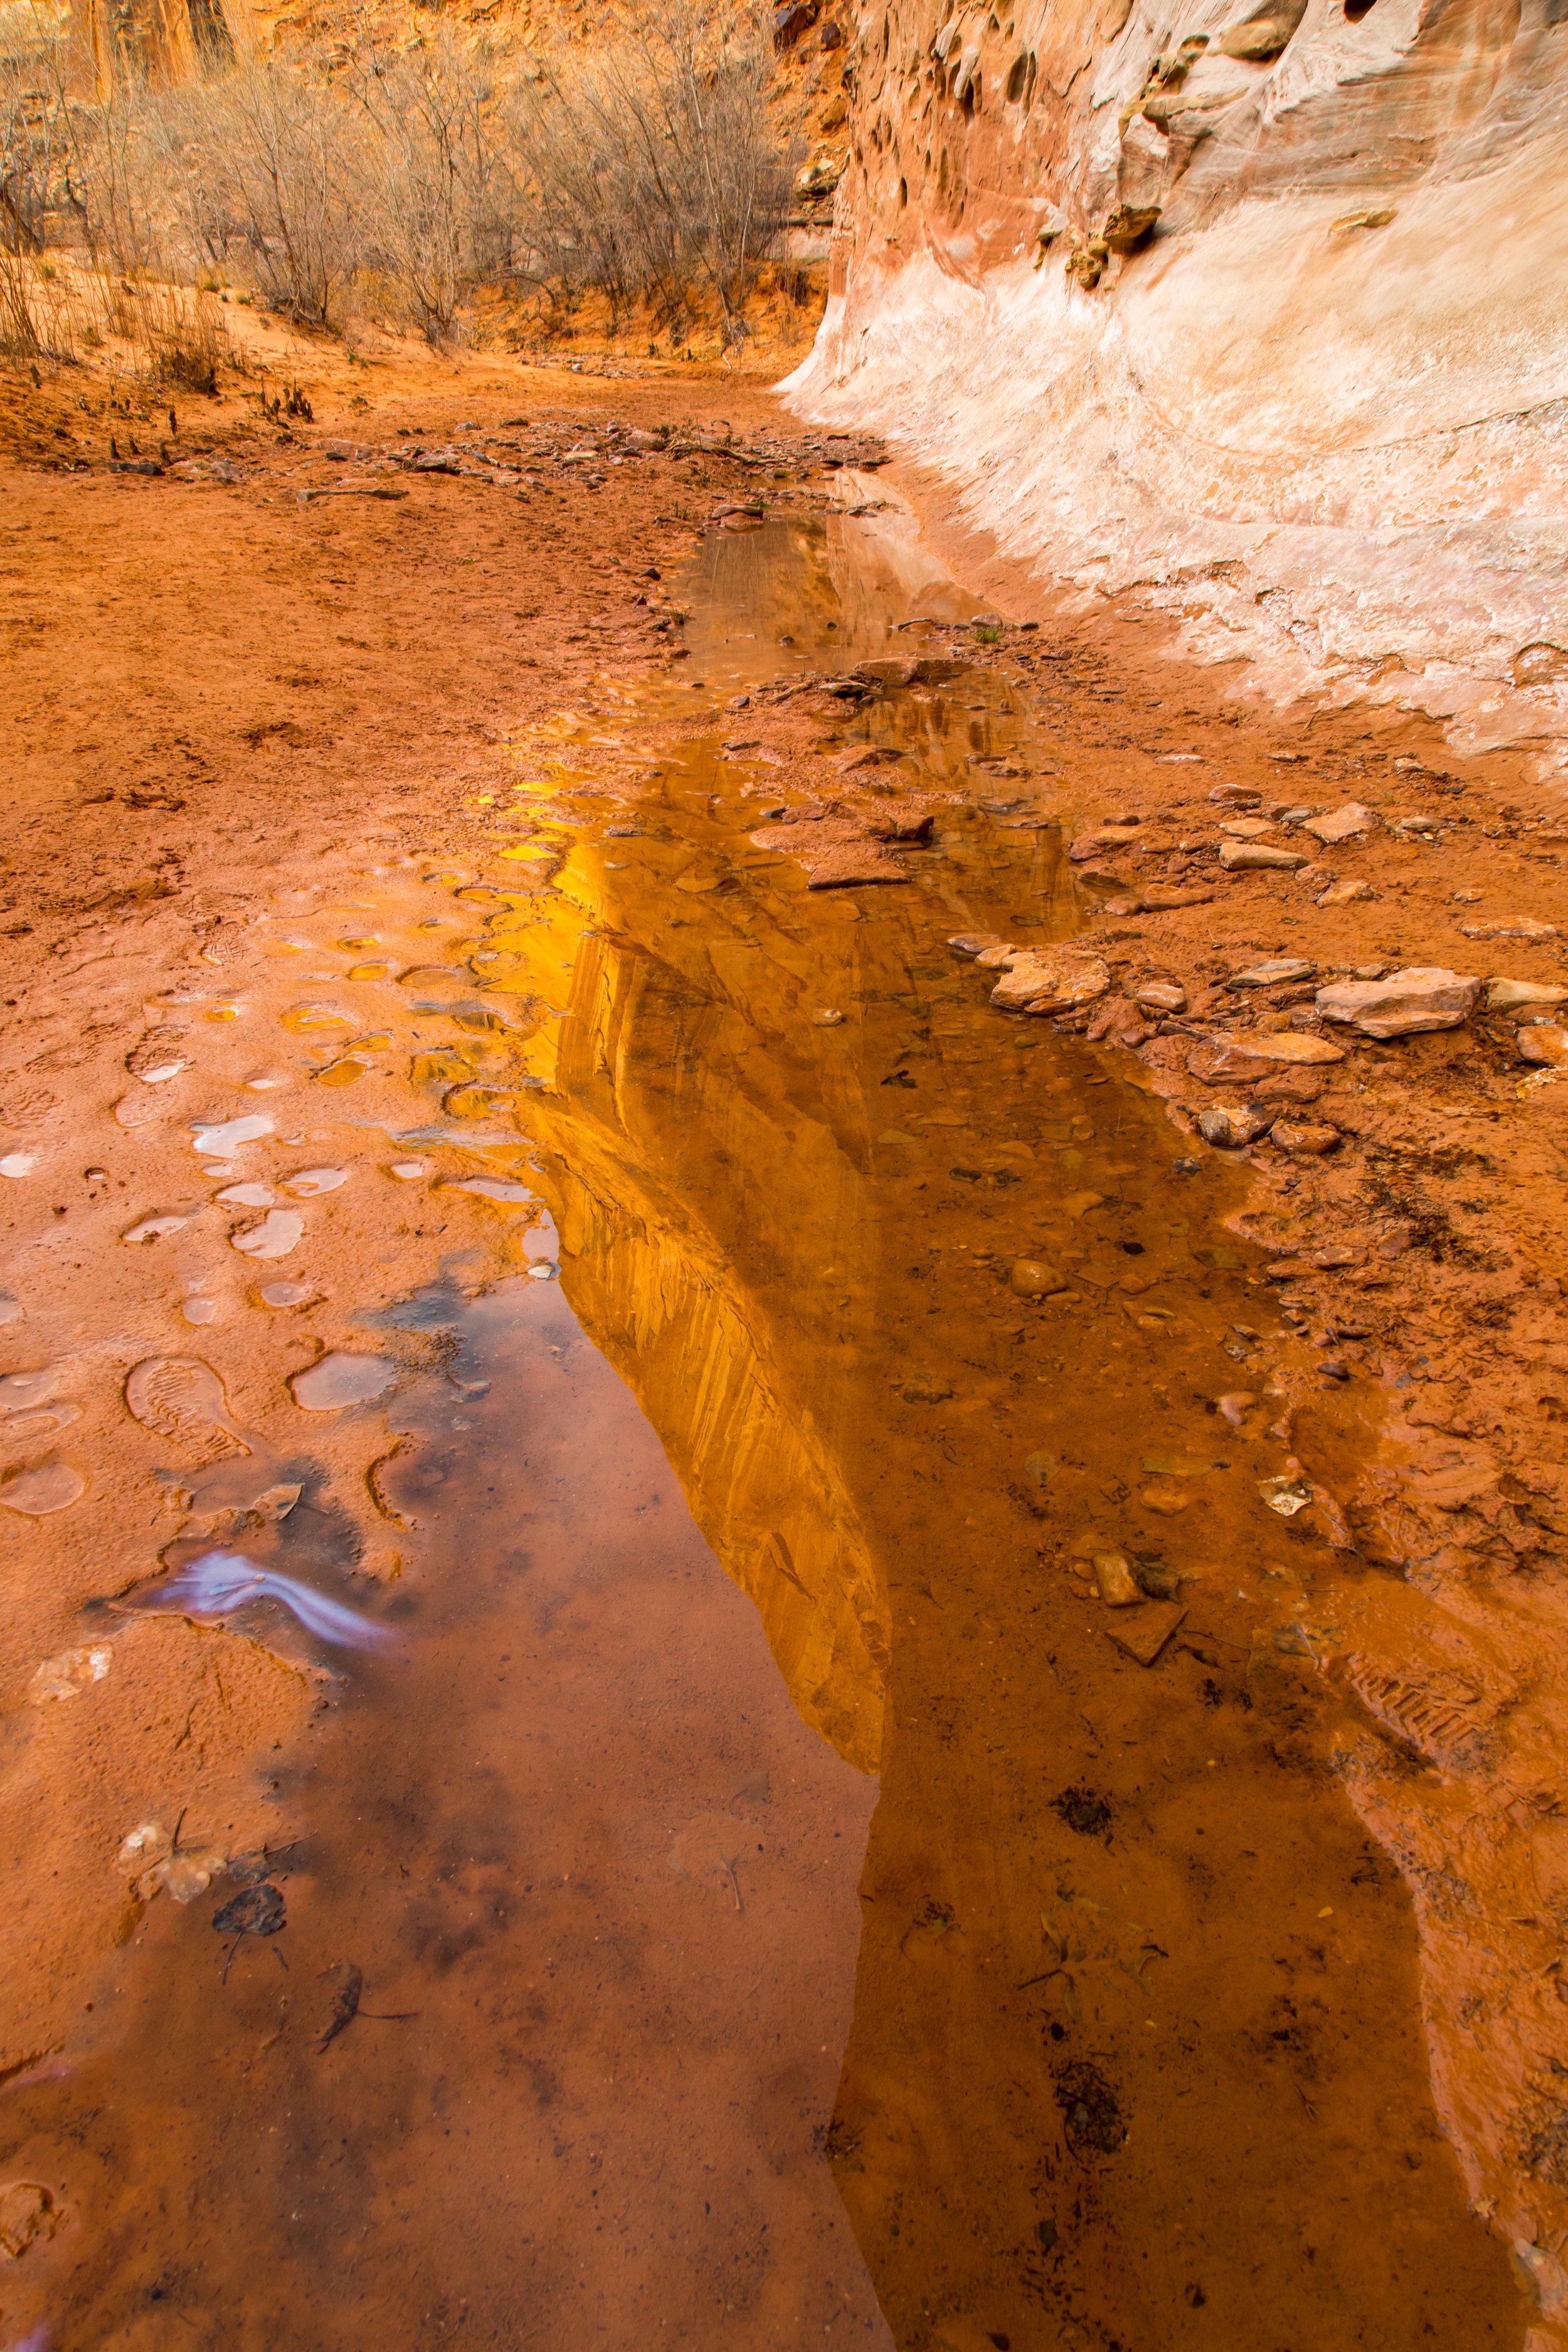 Horseshoe Canyon, Image # 7933